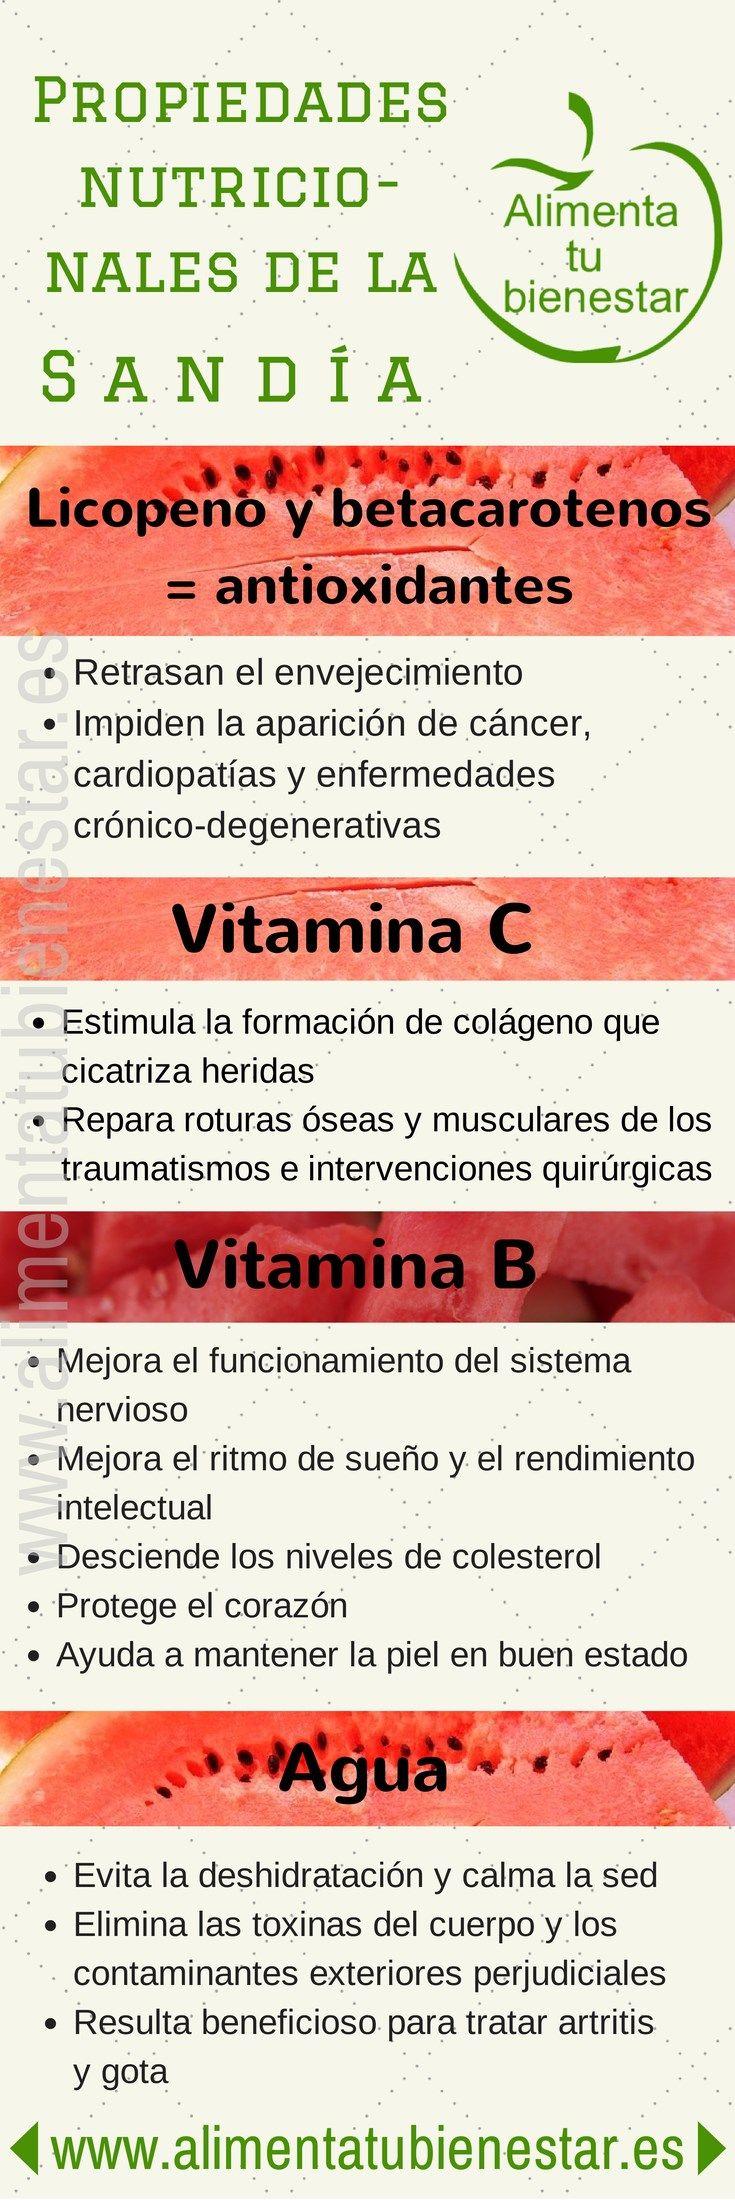 Sandia-propiedades-nutricionales.jpg (735×2200) #Nutrición y #Salud YG > nutricionysaludyg.com